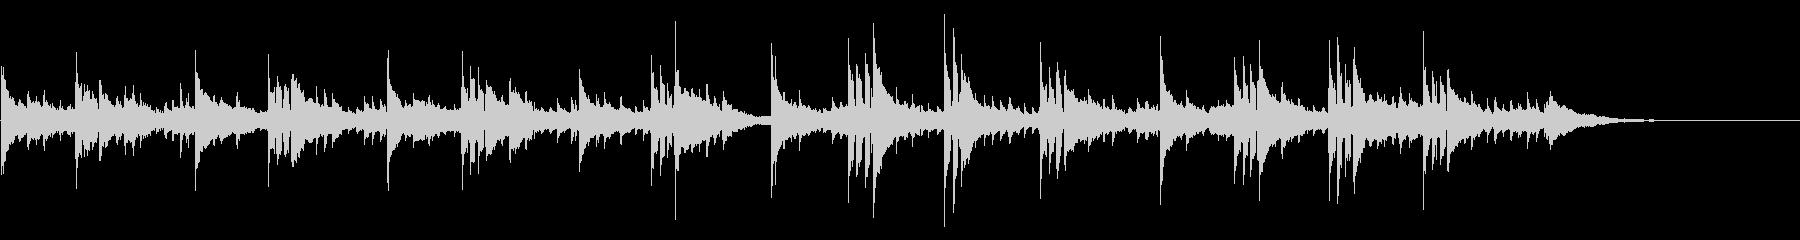 アコギ45/クラゲ、深海のイメージの未再生の波形